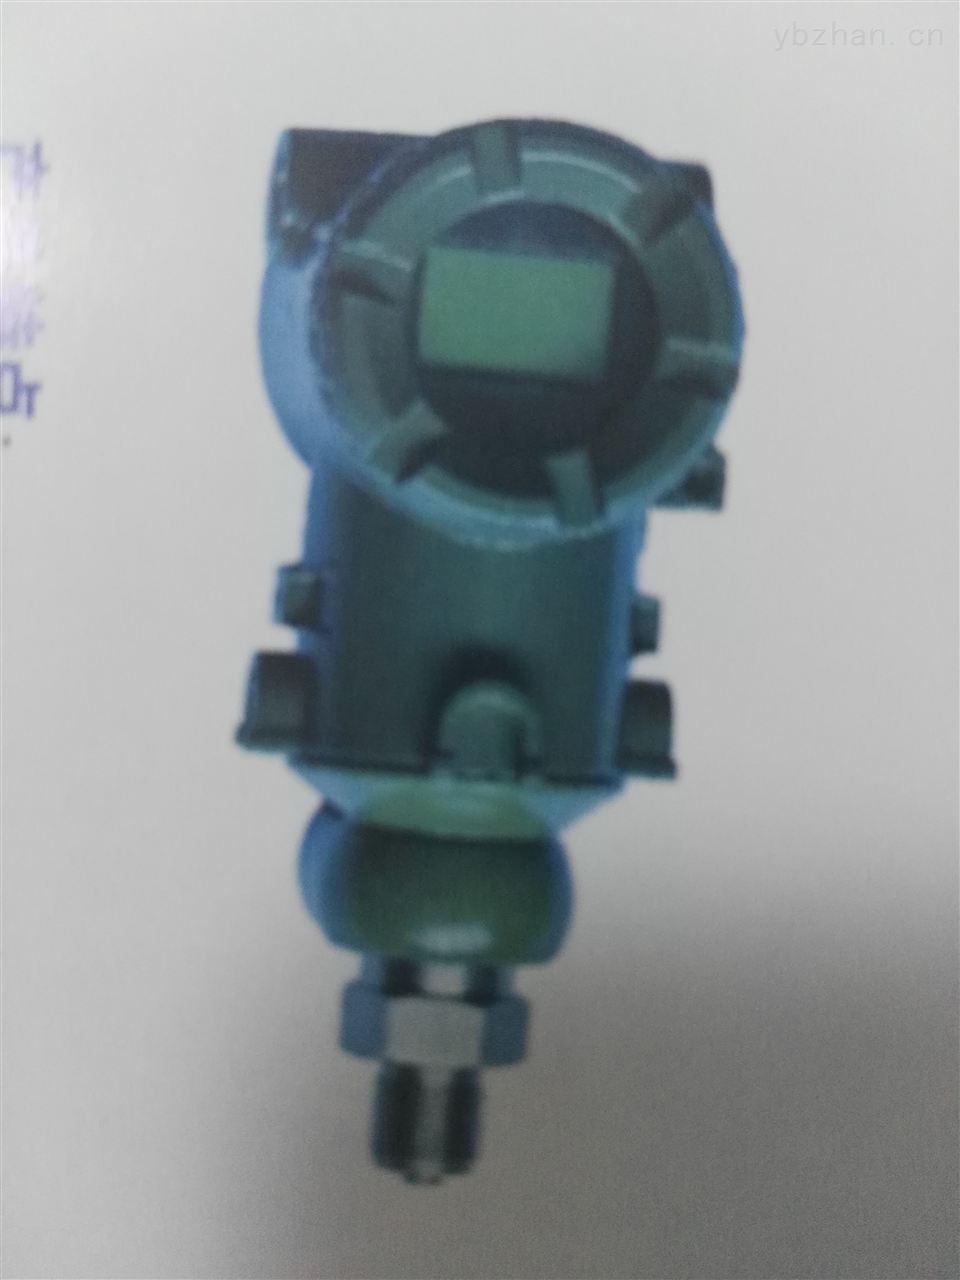 高静压压力变送器